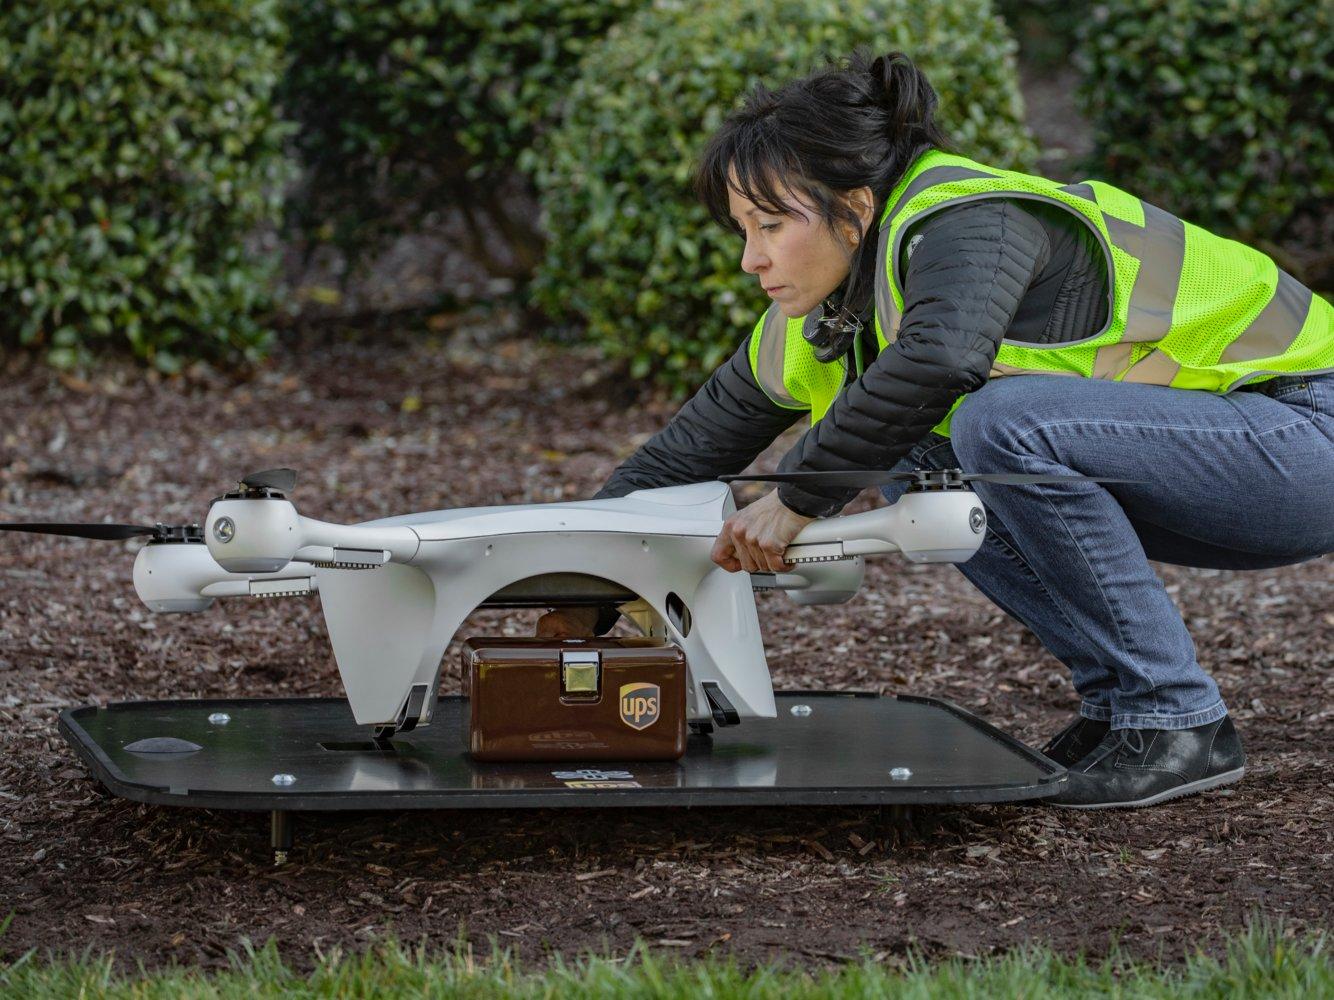 Nhân viên y tế xếp mẫu máu và bệnh phẩm lên khoang chứa an toàn của drone để chuẩn bị cho một chuyến giao hàng. Ảnh: UPS.